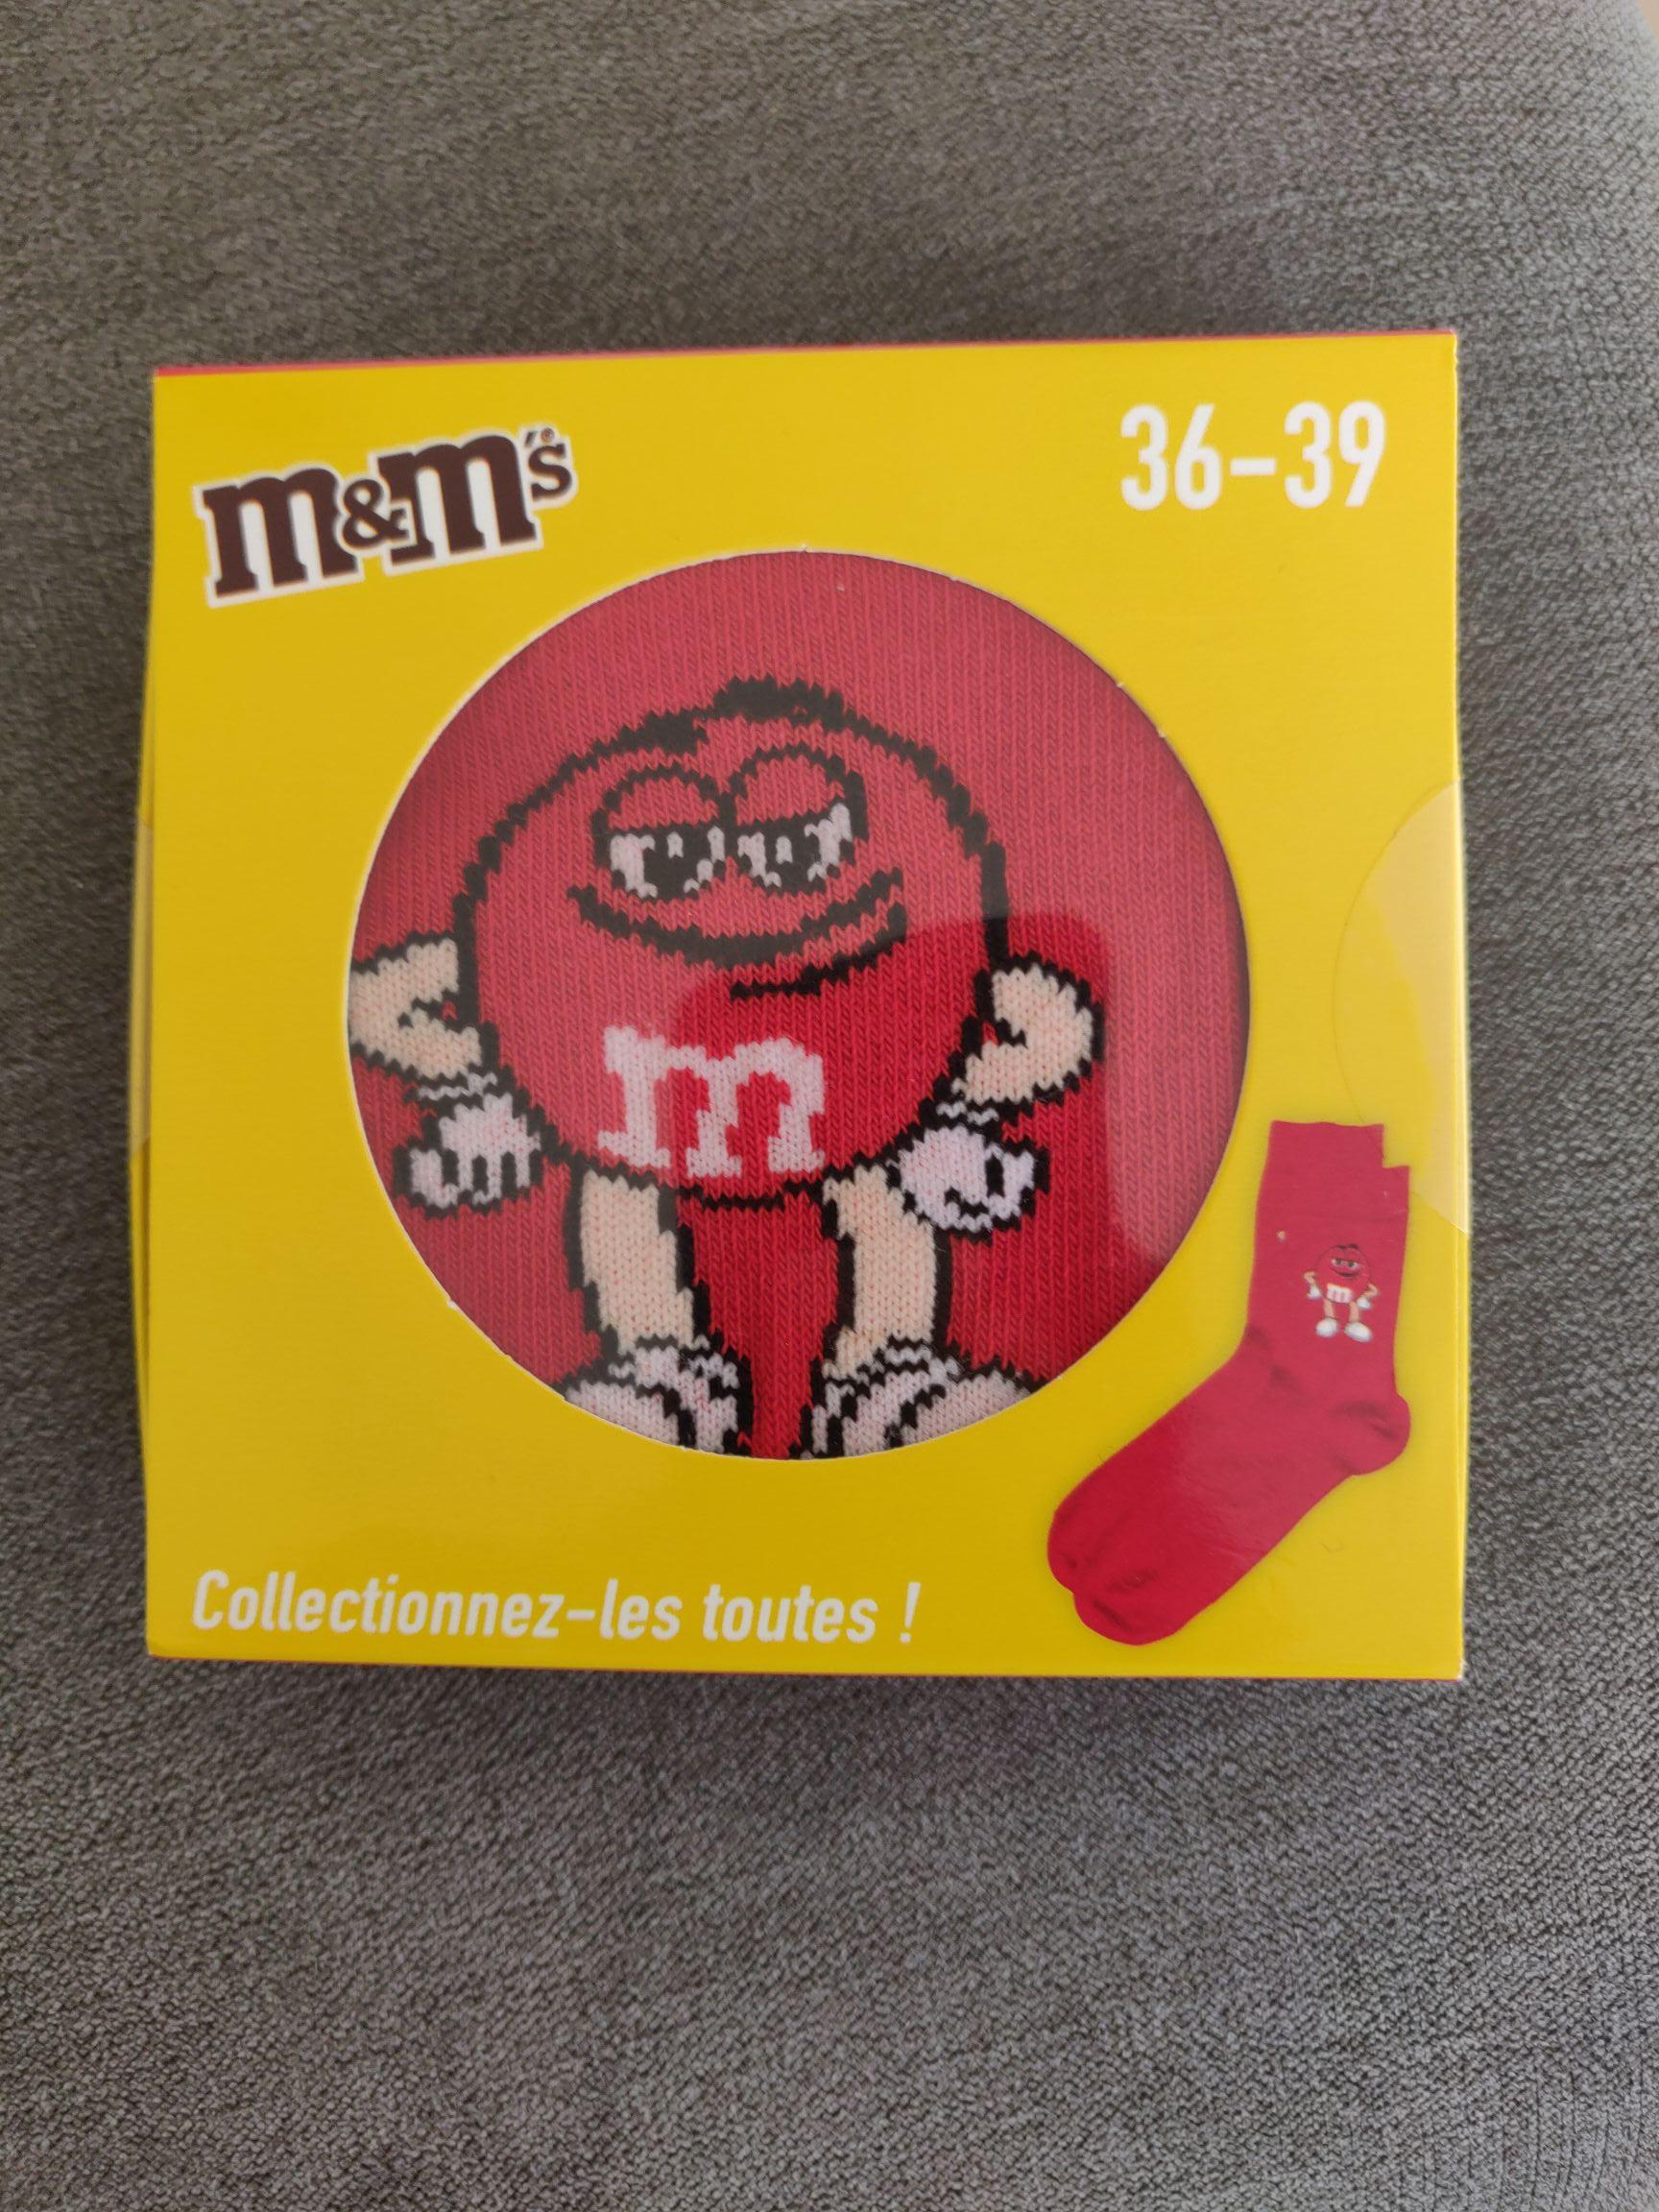 Une paire de chaussettes M&M's offerte pour l'achat de 2 produits M&M's (taille 43 max.) - Créteil (94)